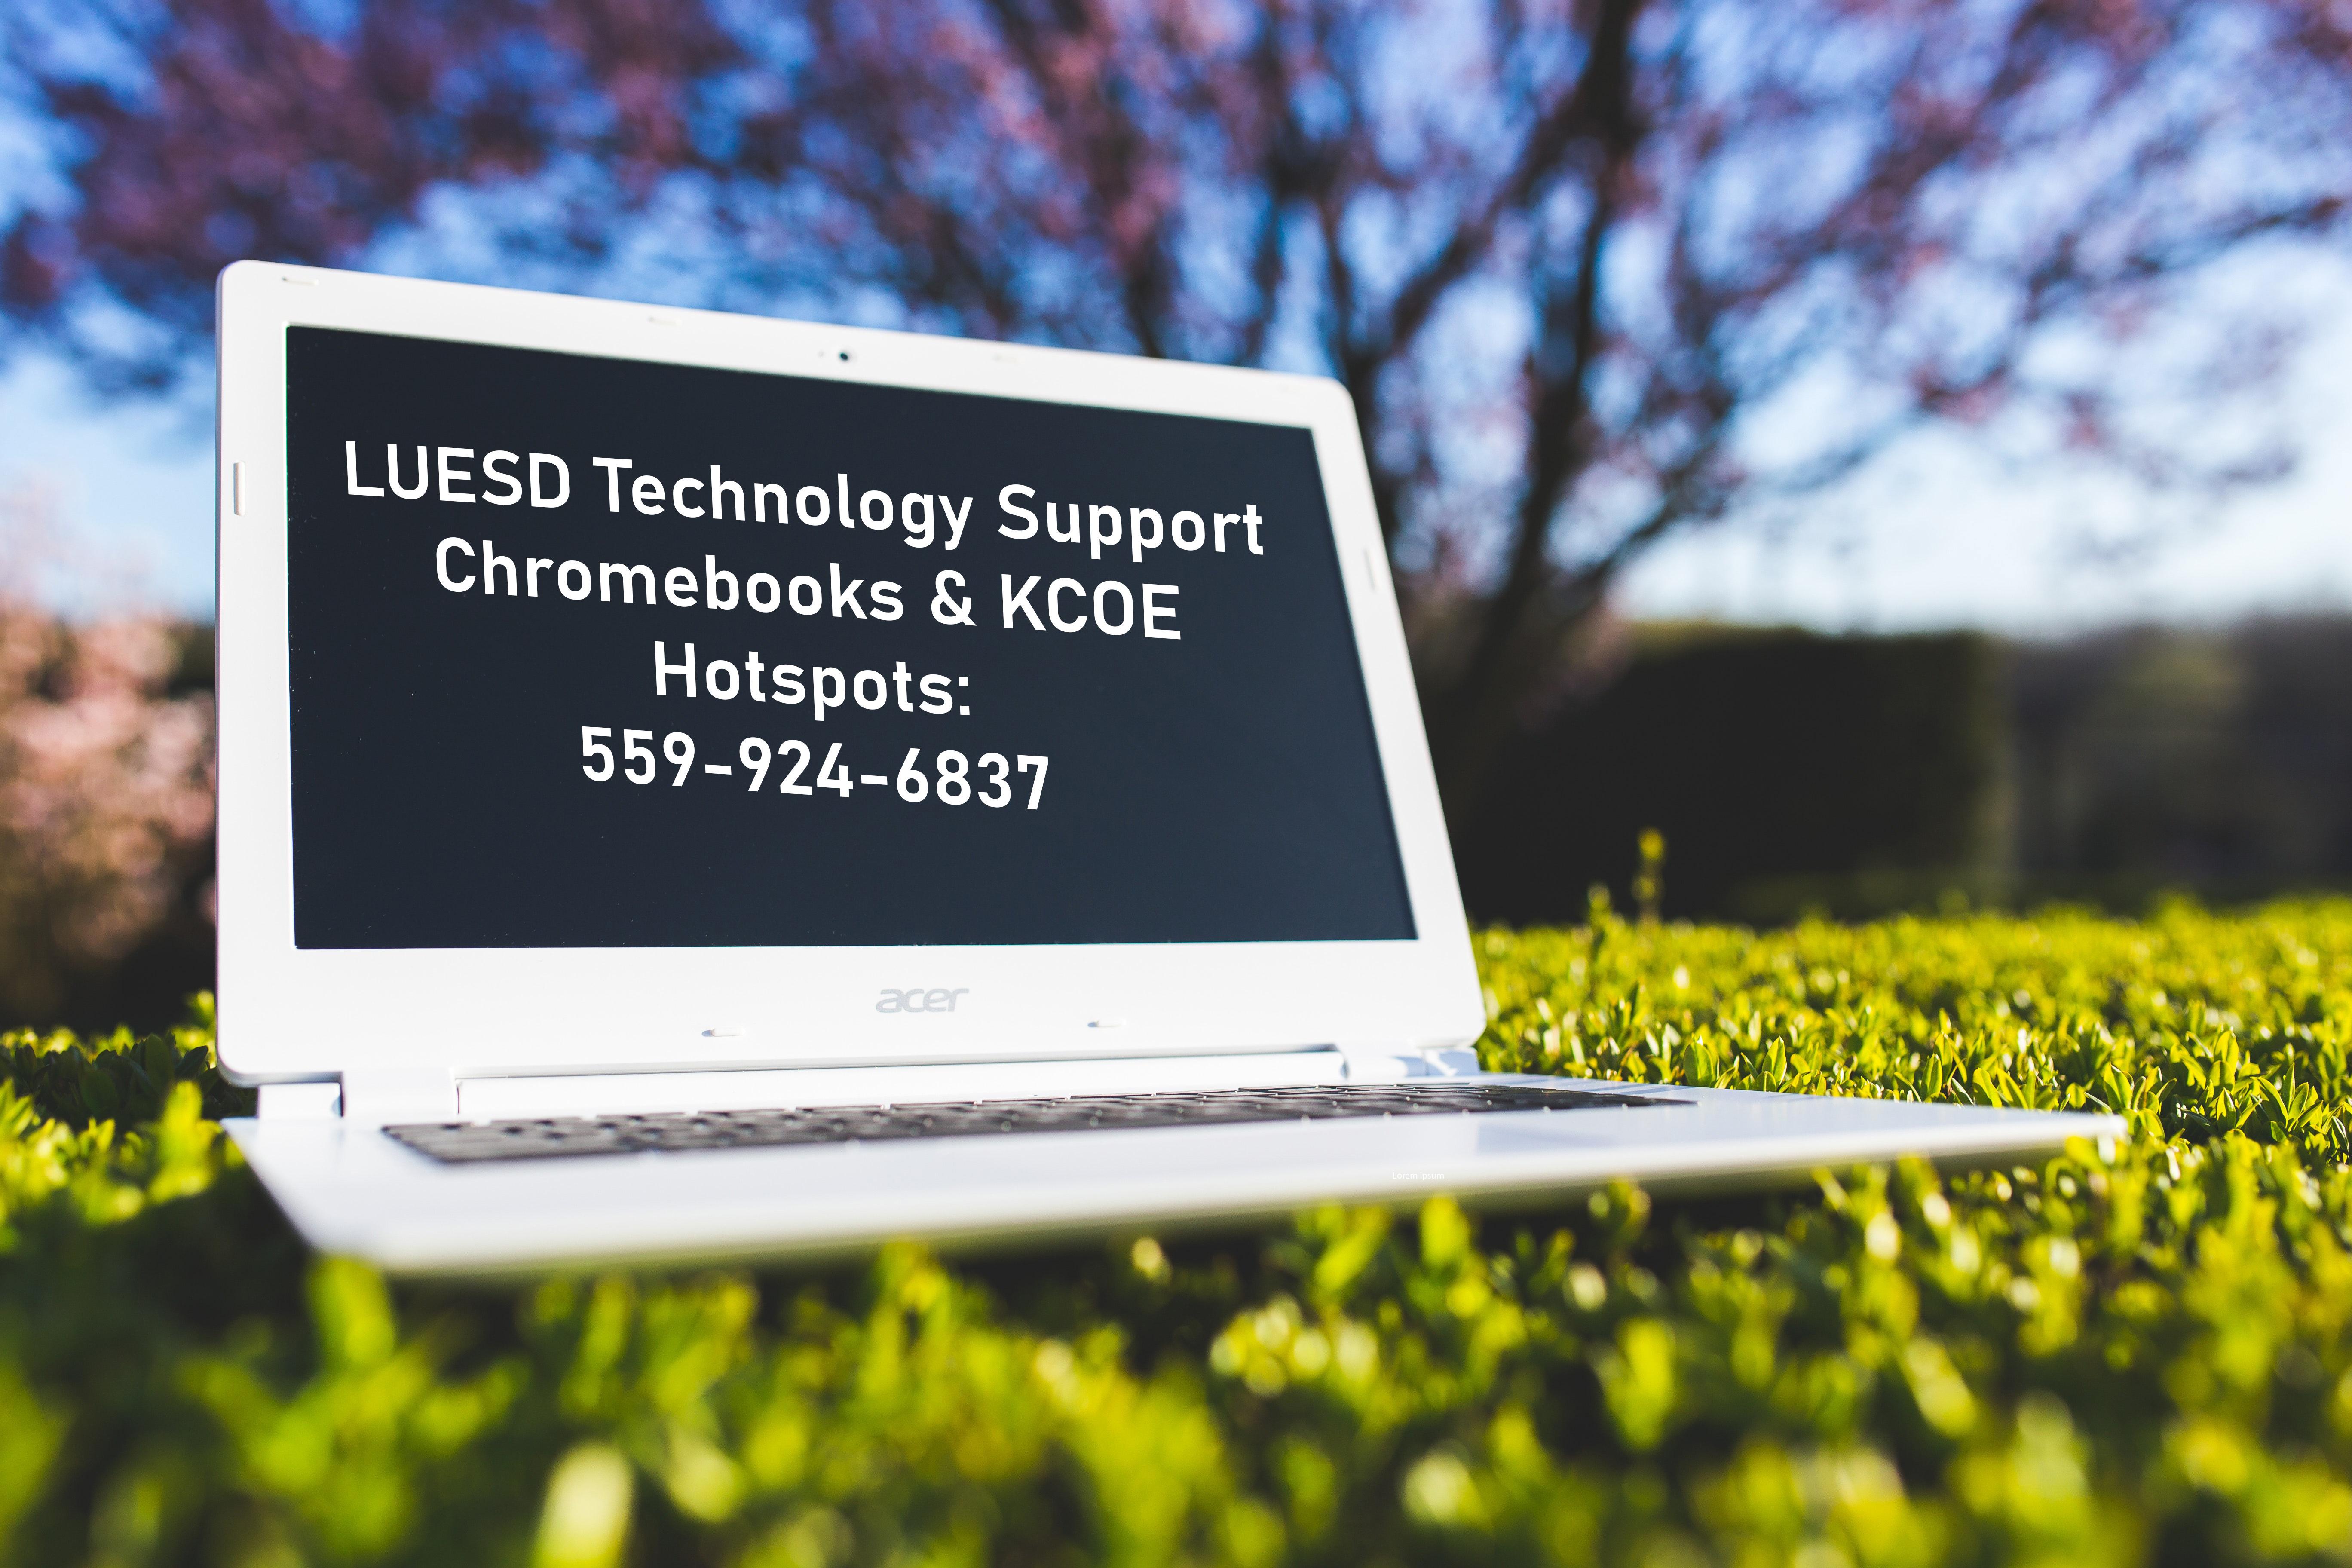 LUESD Tech Support 924-6837